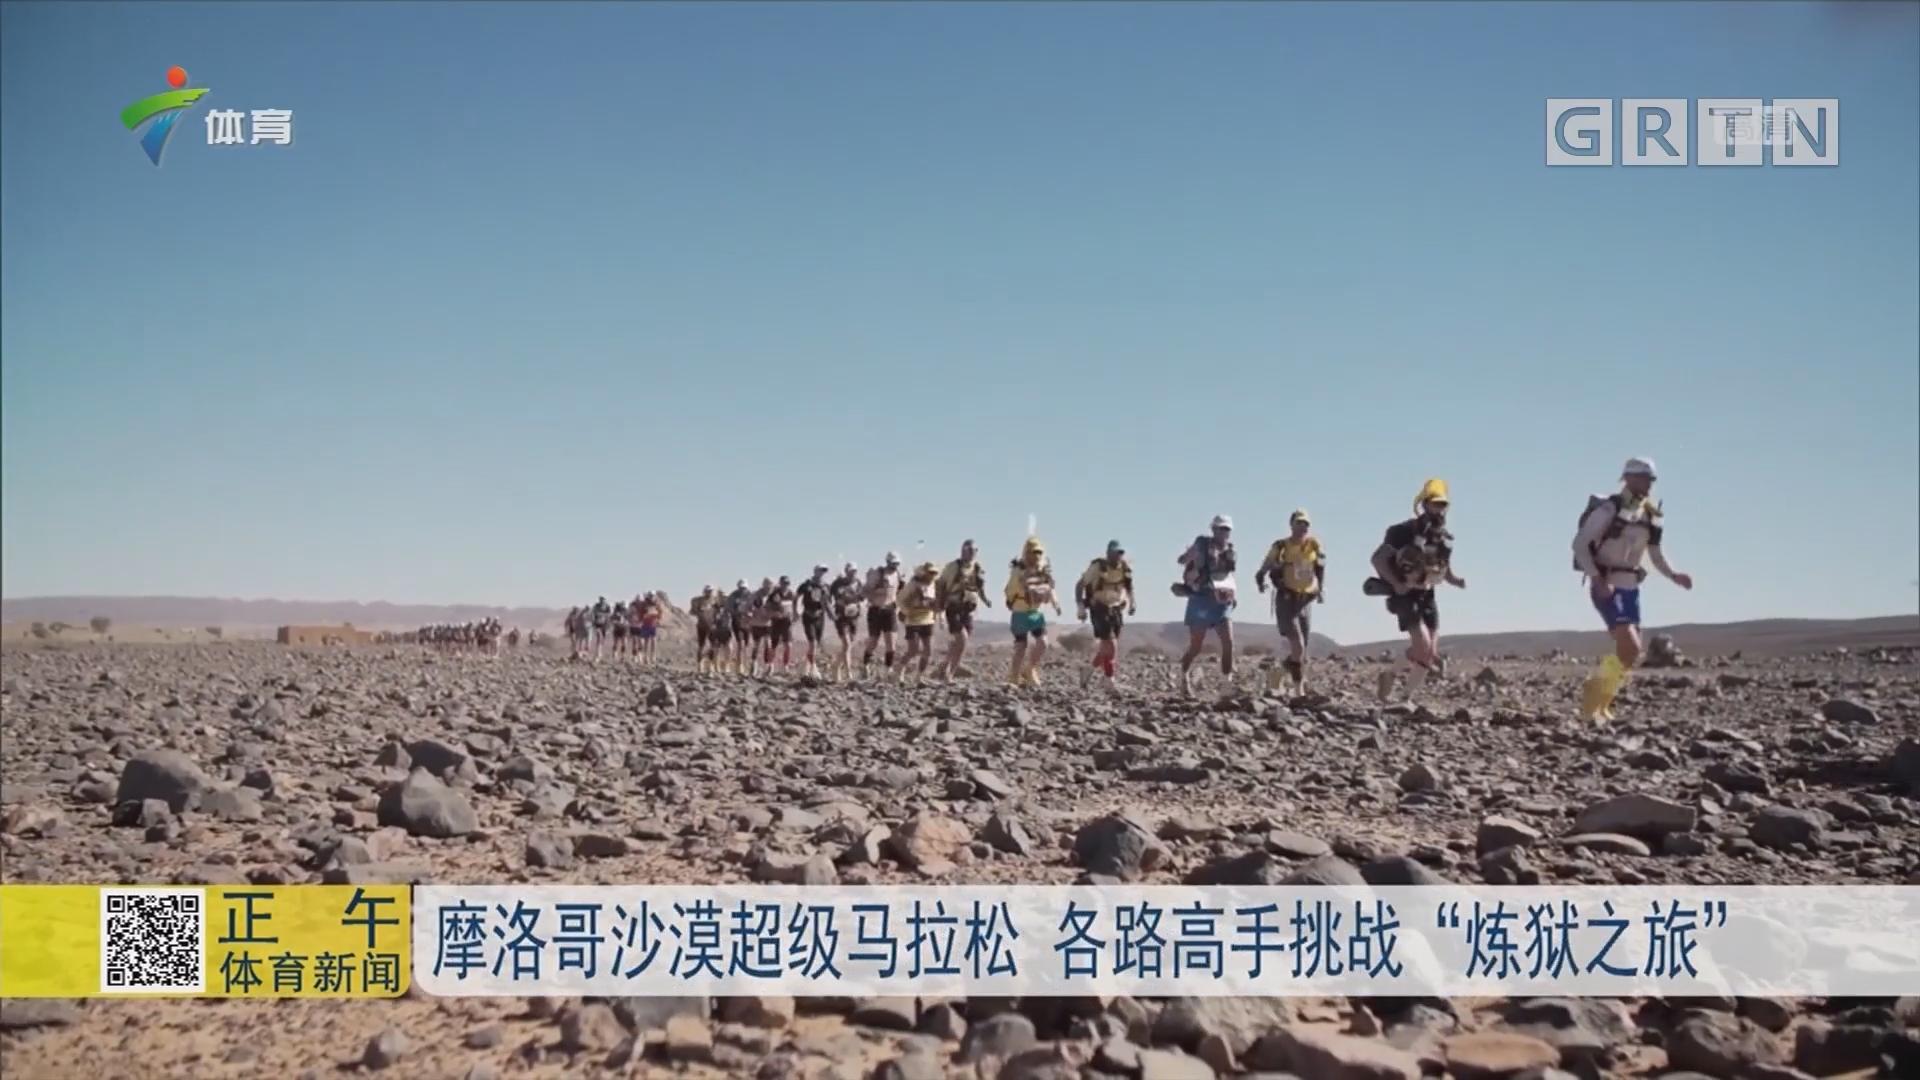 """摩洛哥沙漠超级马拉松 各路高手挑战""""炼狱之旅"""""""